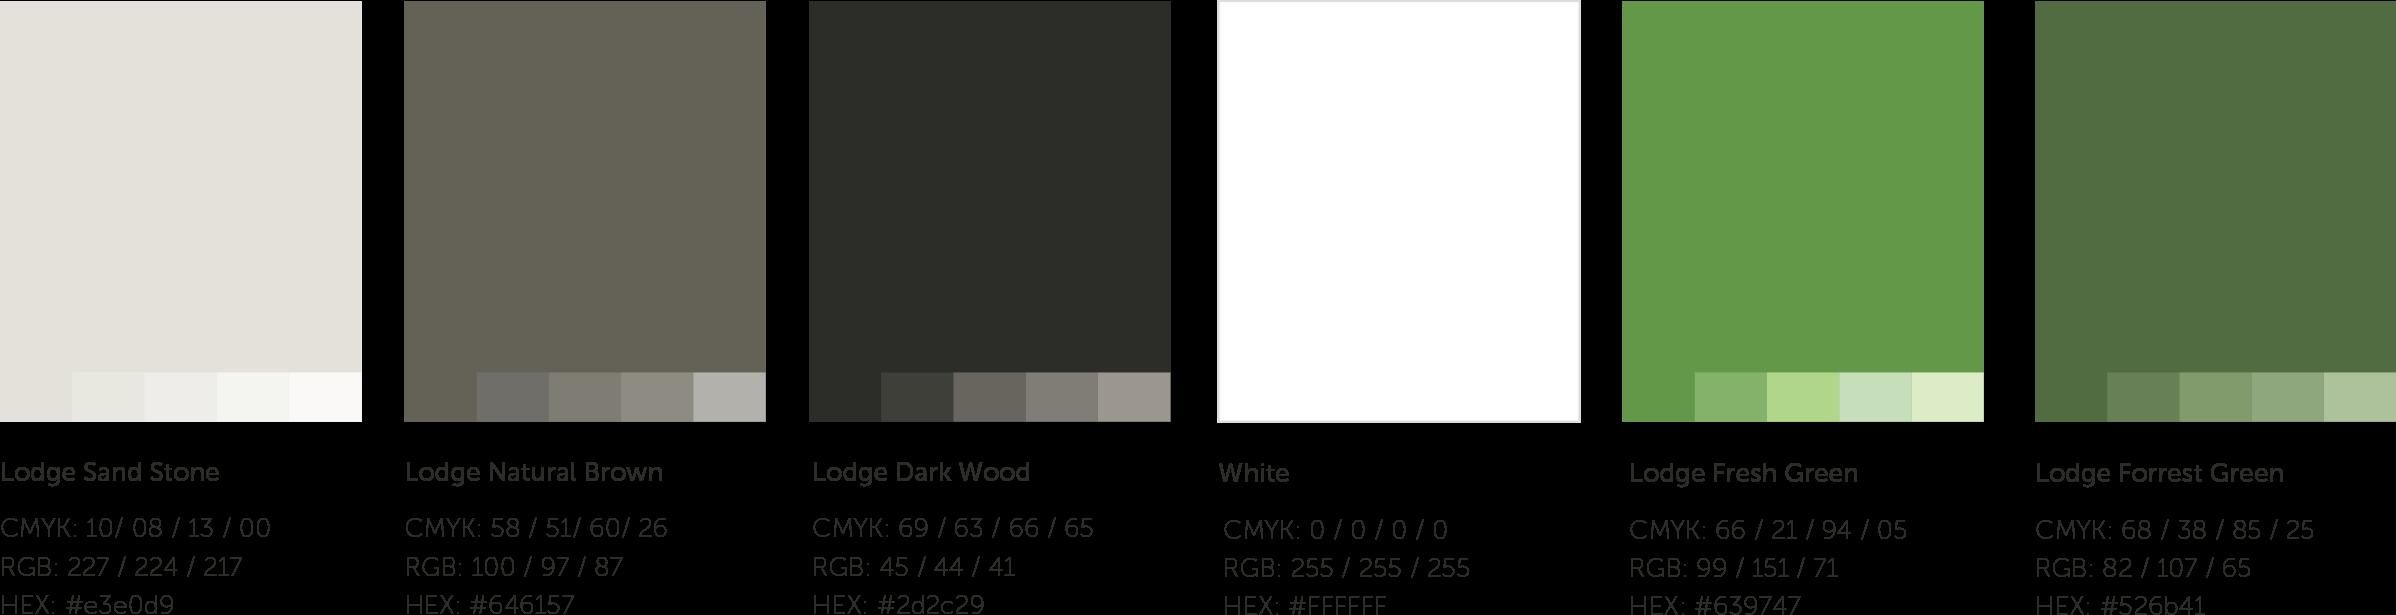 The Lodge Logo Development Colour Palette by Sean Dalton